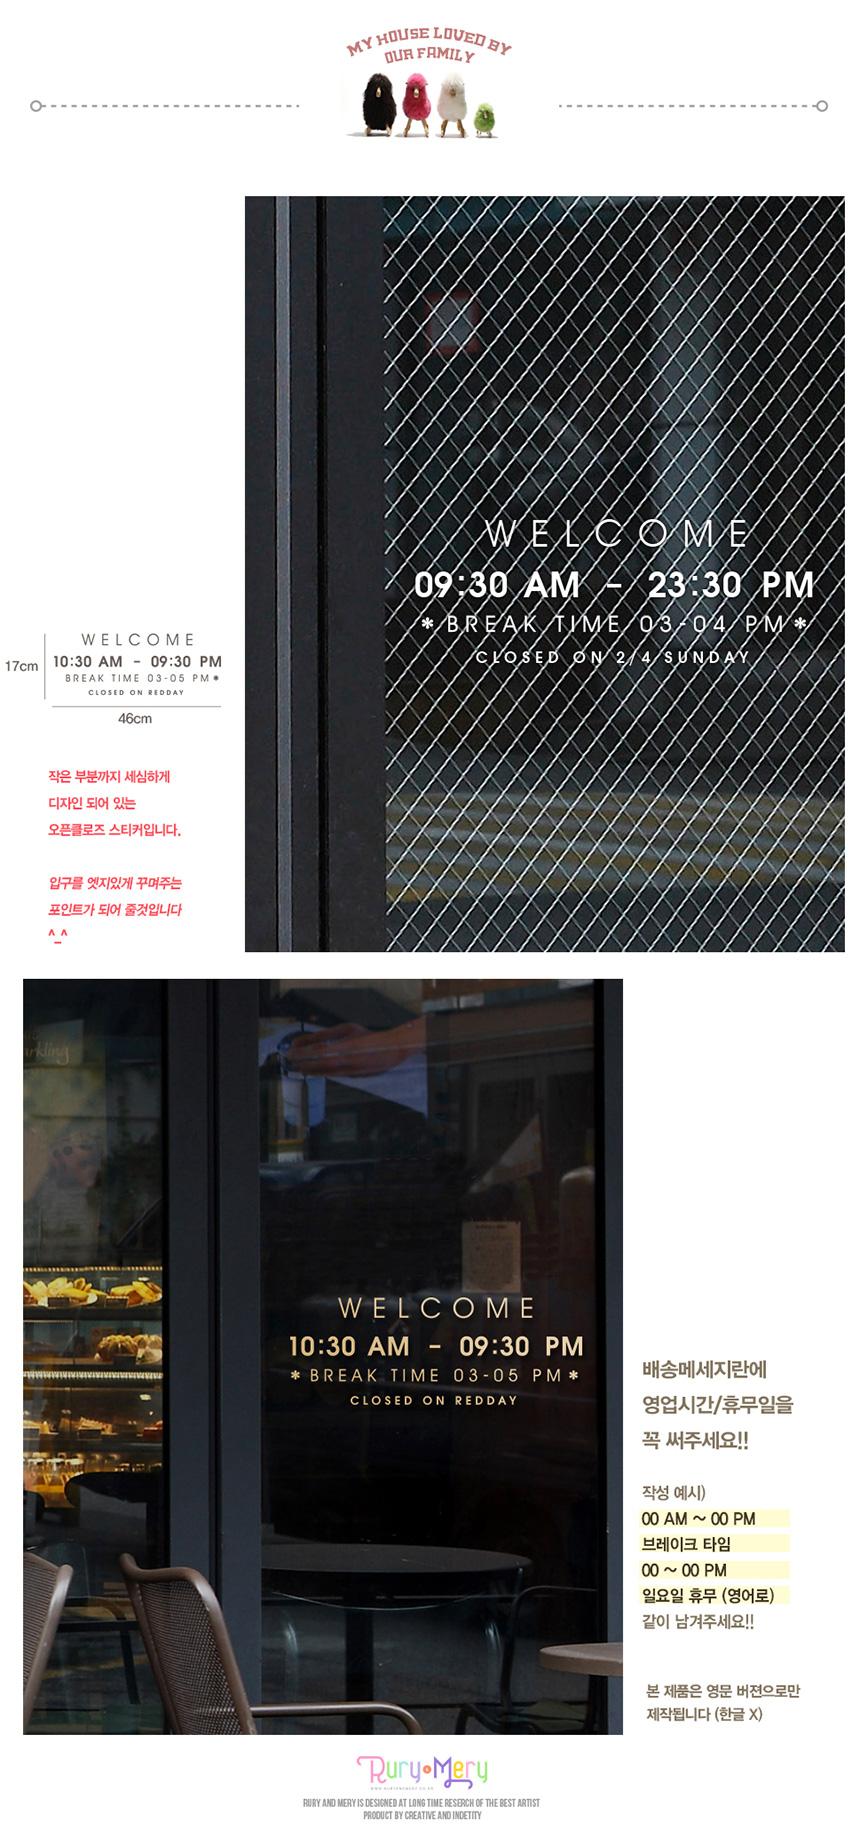 오픈클로즈 21 금빛 내리는 웰컴 영업시간스티커 - 루리앤메리, 6,400원, 월데코스티커, 레터링/메시지